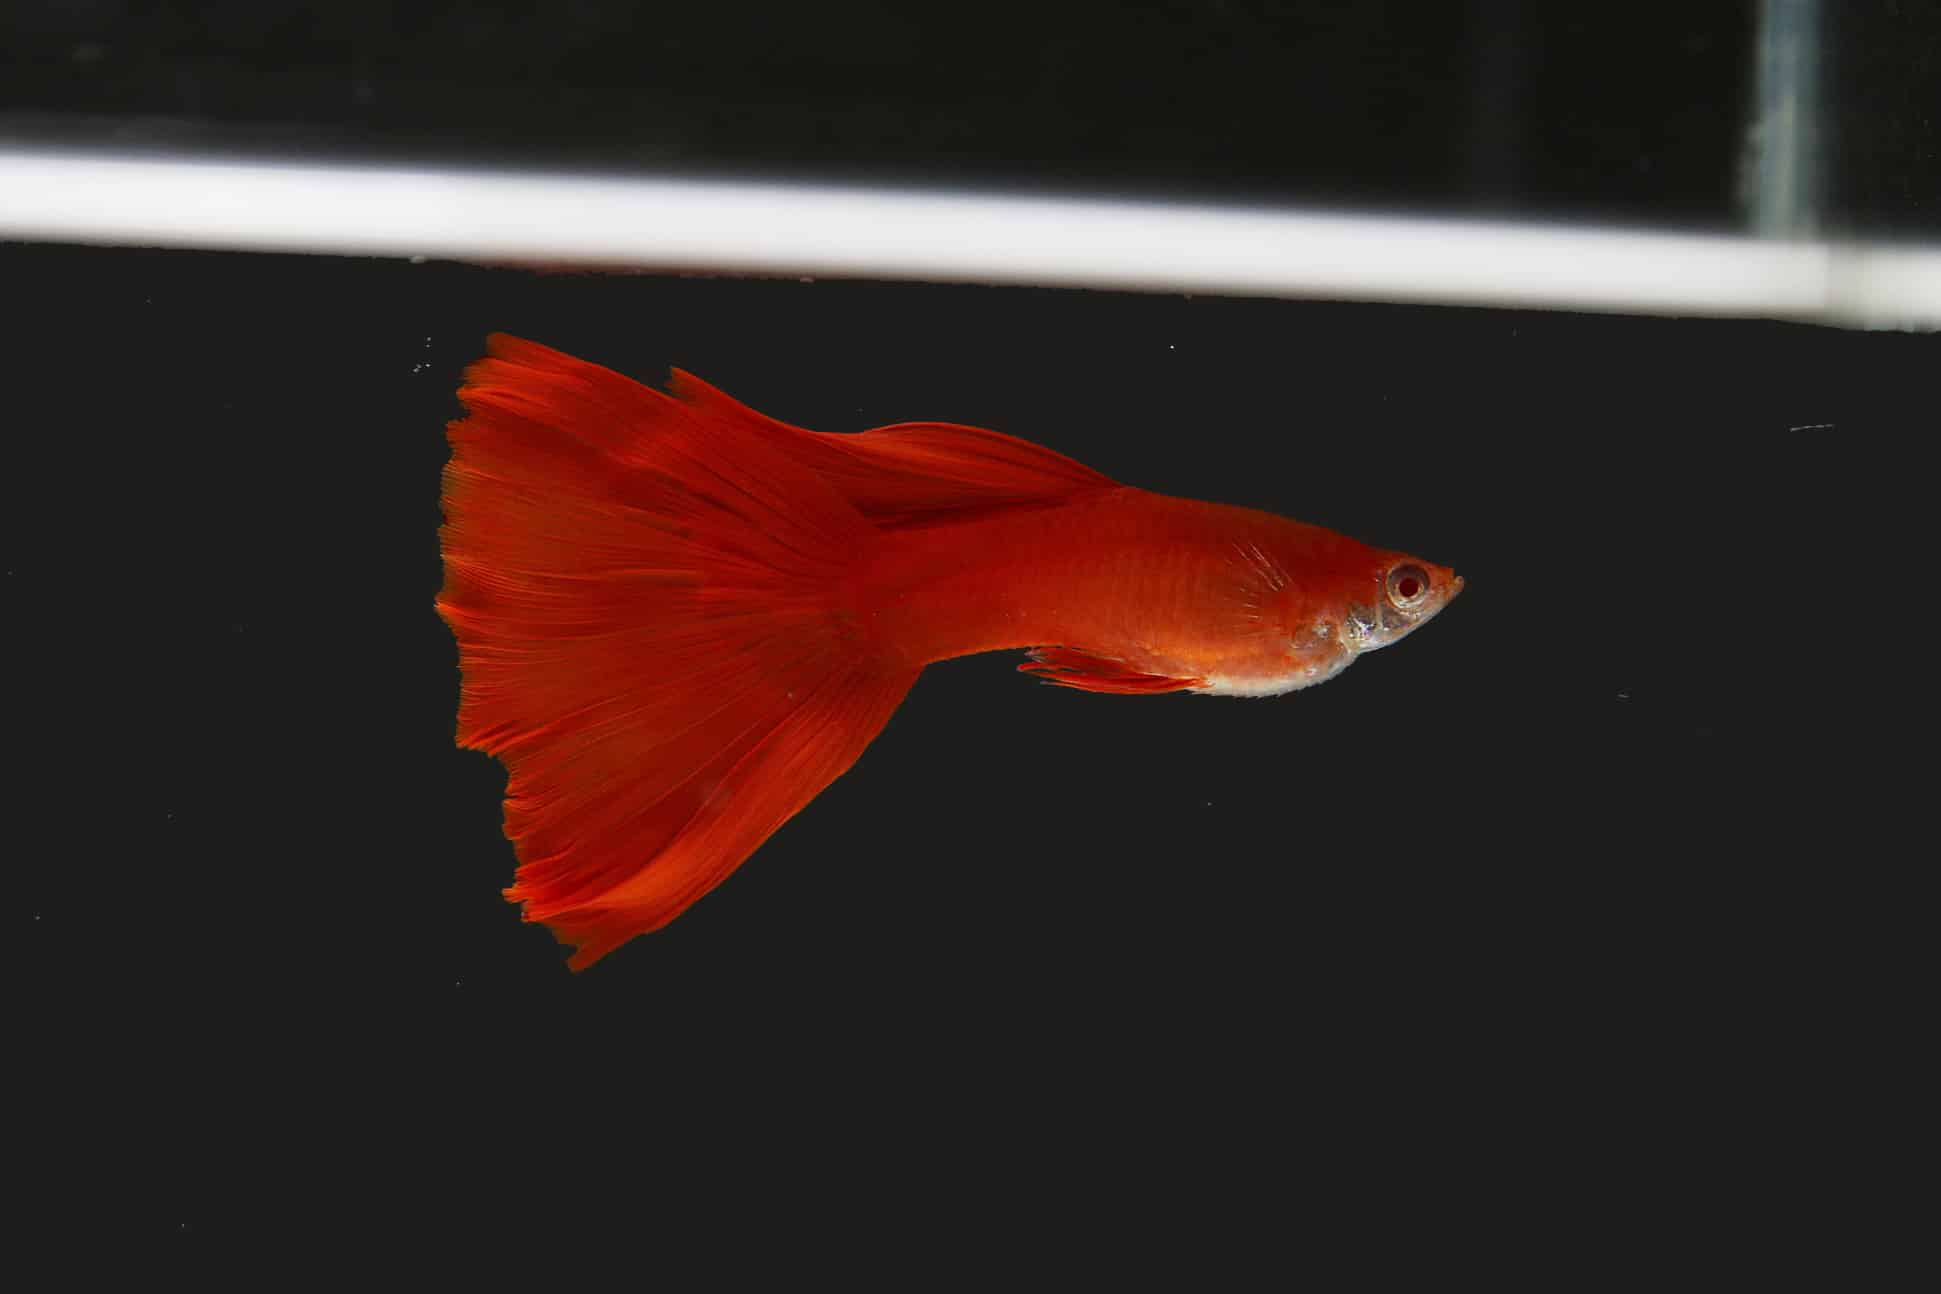 fish 04 - 5 พันธุ์ปลาสวยงาม น่าเลี้ยง พื้นที่น้อยก็เลี้ยงได้